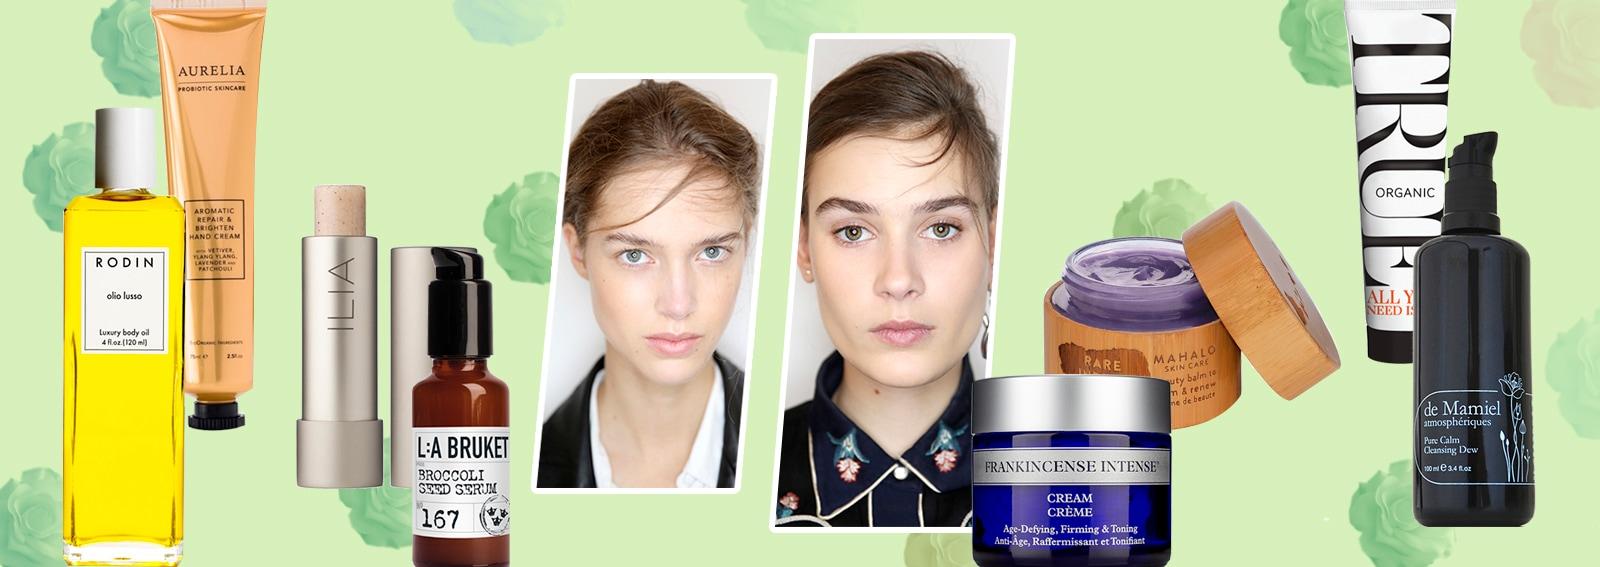 migliori-cosmetici-naturali-bio-adesso_desktop